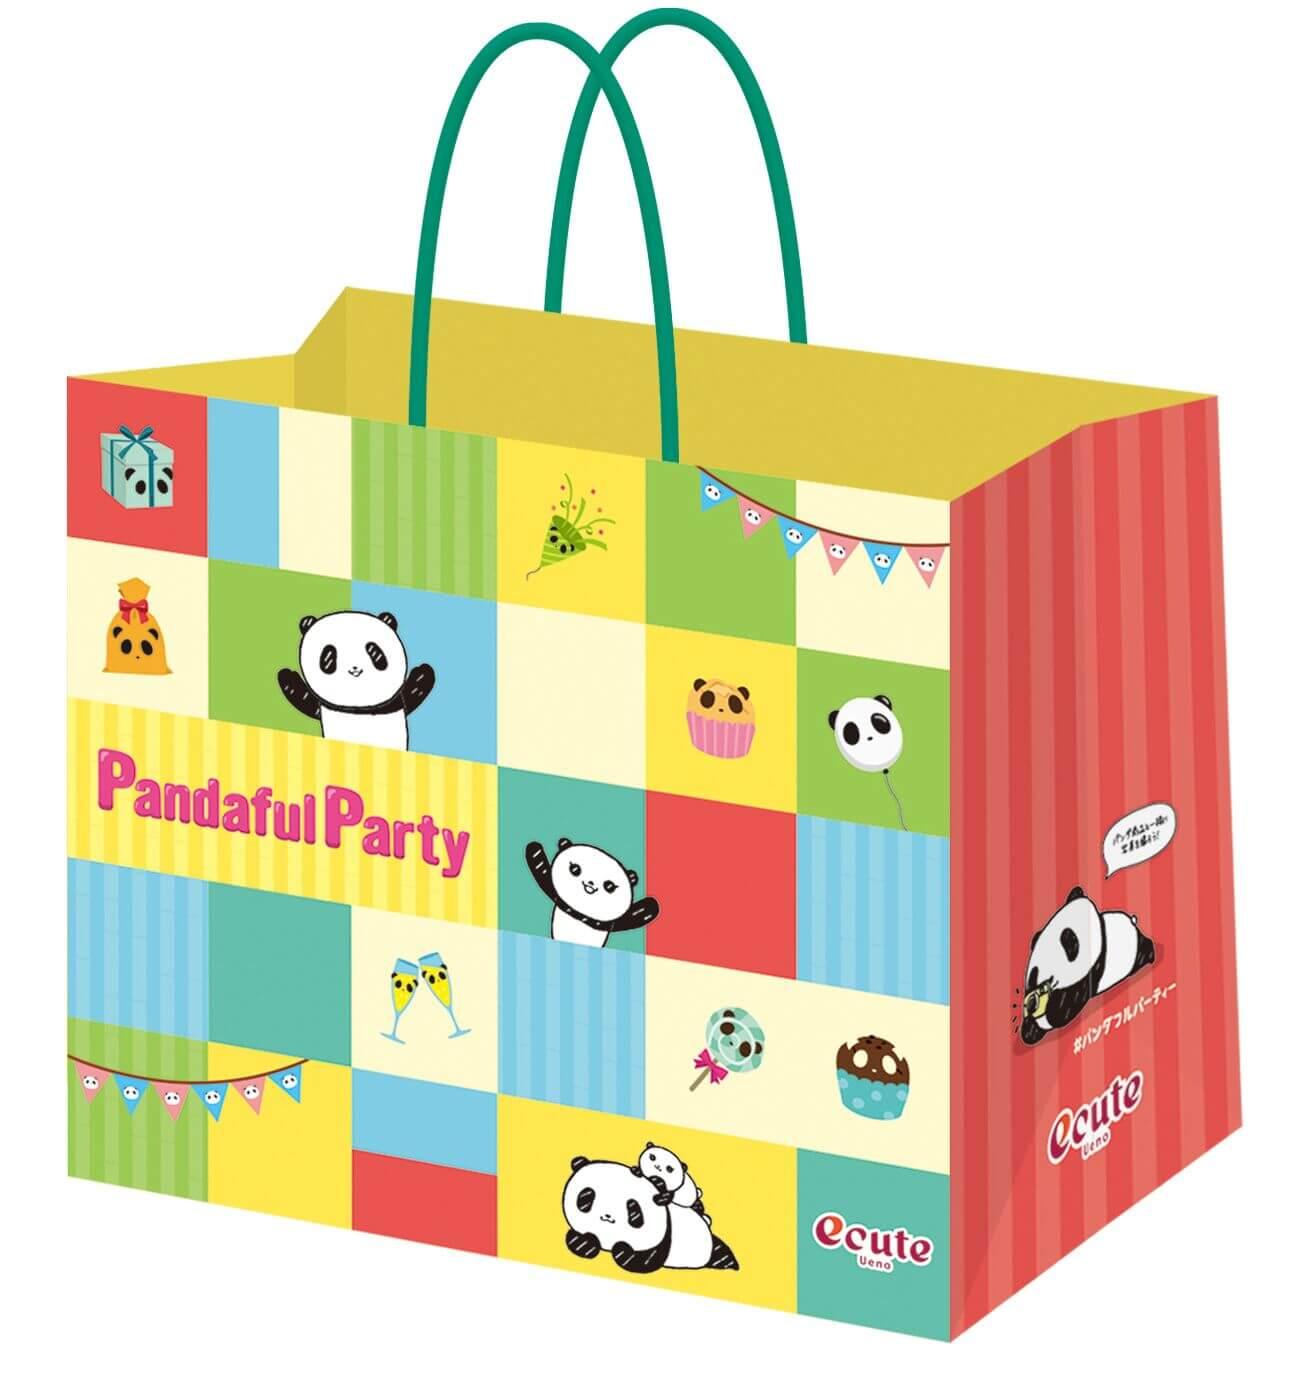 pandaful-party-%e3%82%a8%e3%82%ad%e3%83%a5%e3%83%bc%e3%83%88%e4%b8%8a%e9%87%8e-ecute-ueno-10-2